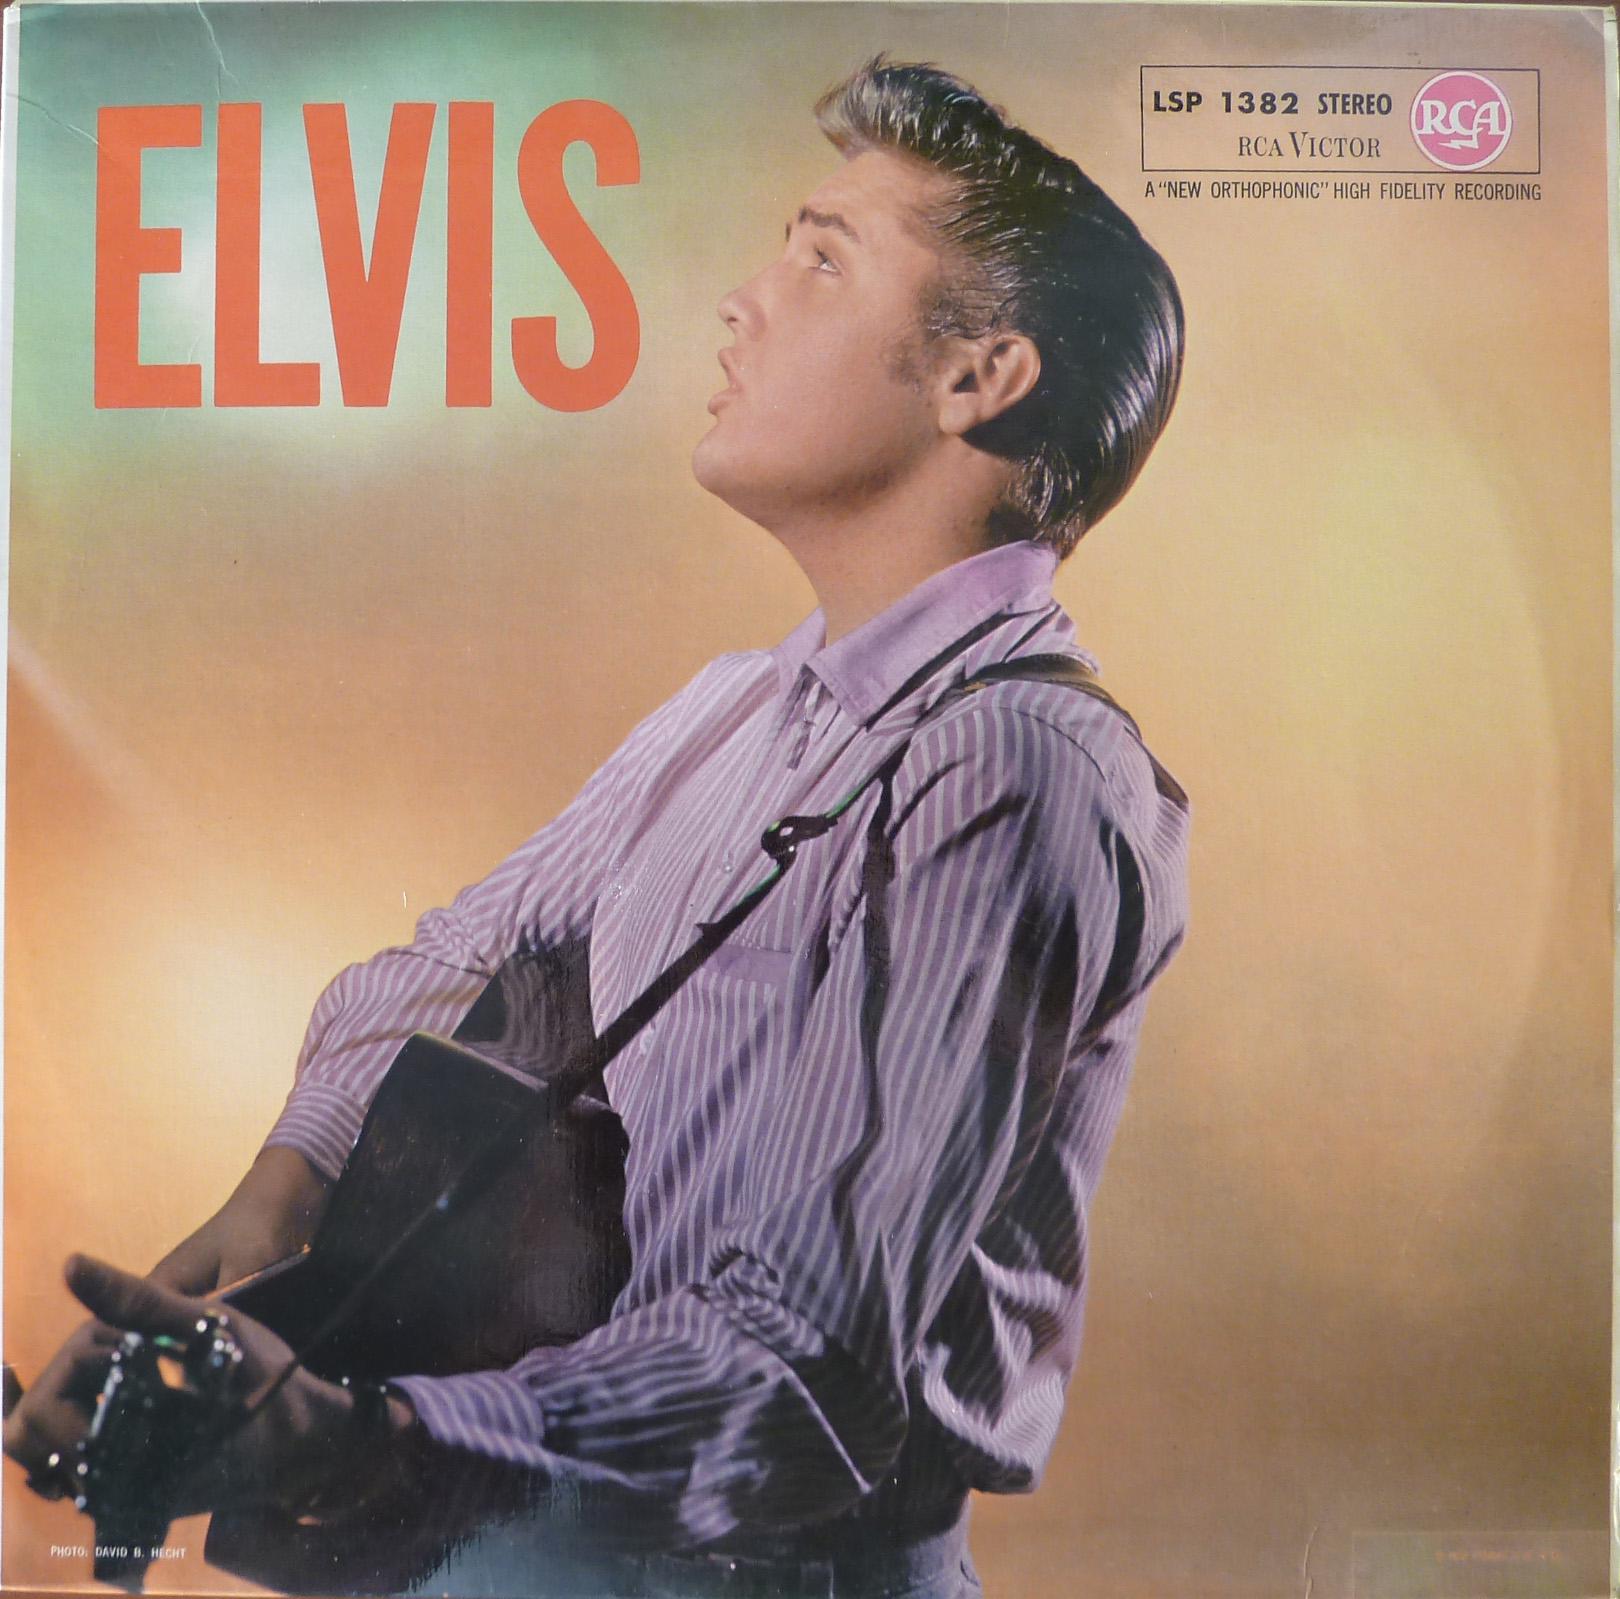 ELVIS Elvis_1956_1966_lsp_fl7u51